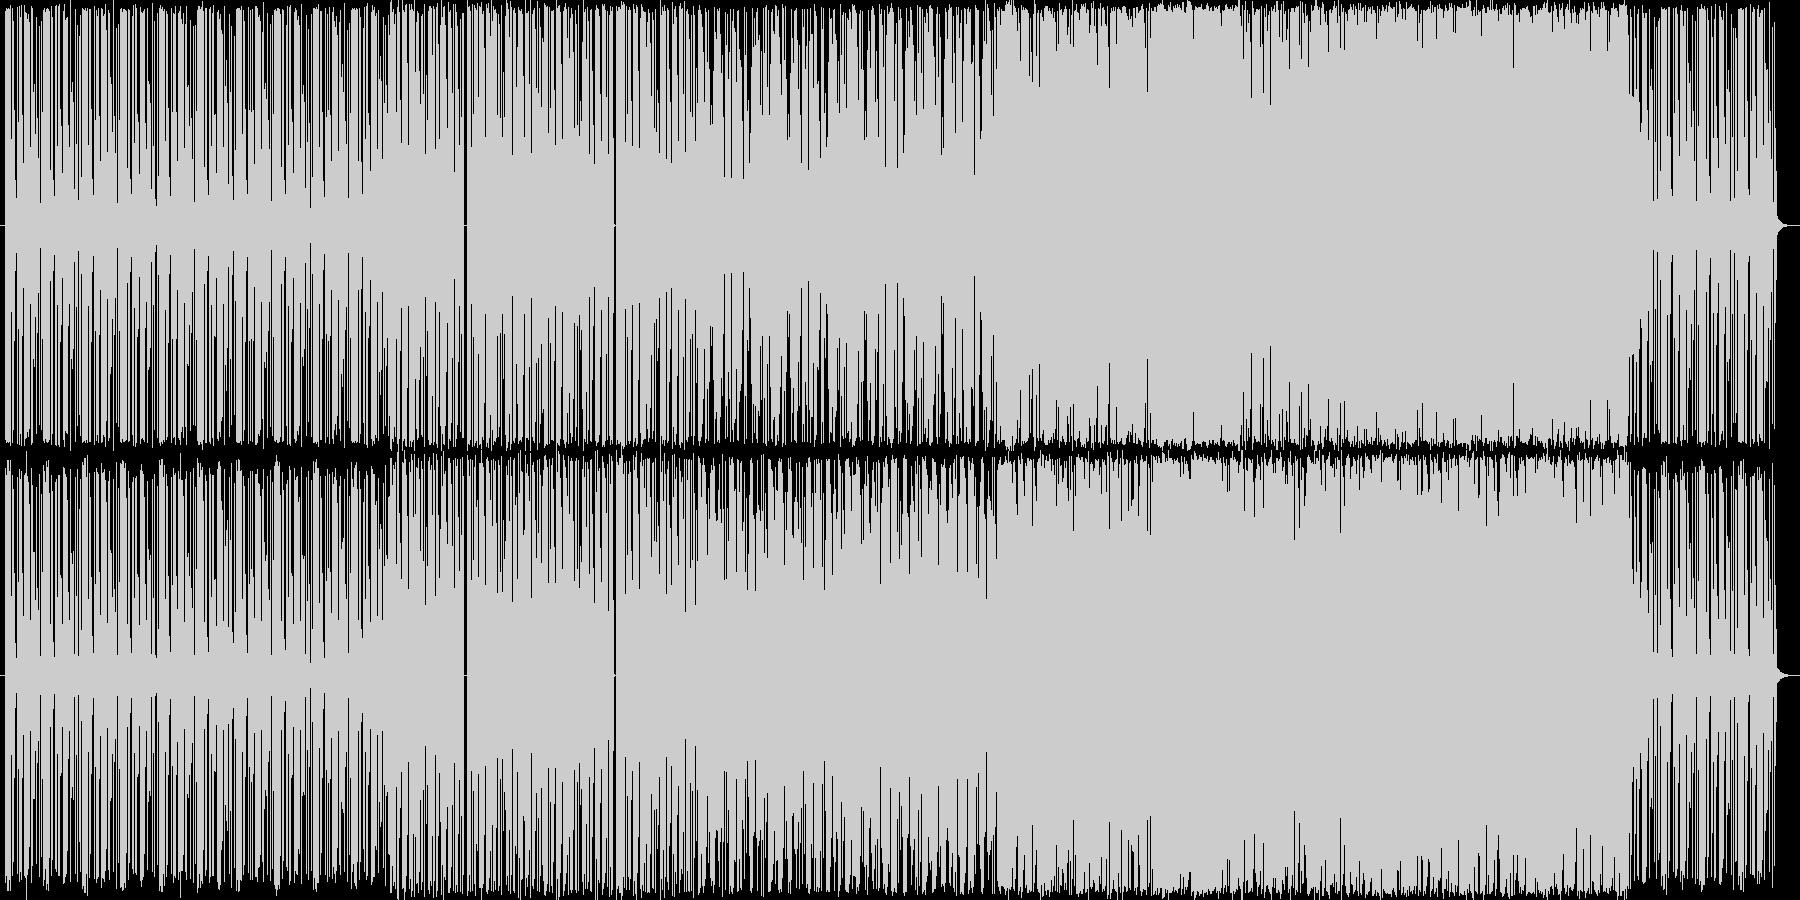 ピアノとドラムを主体とした綺麗なテクノの未再生の波形